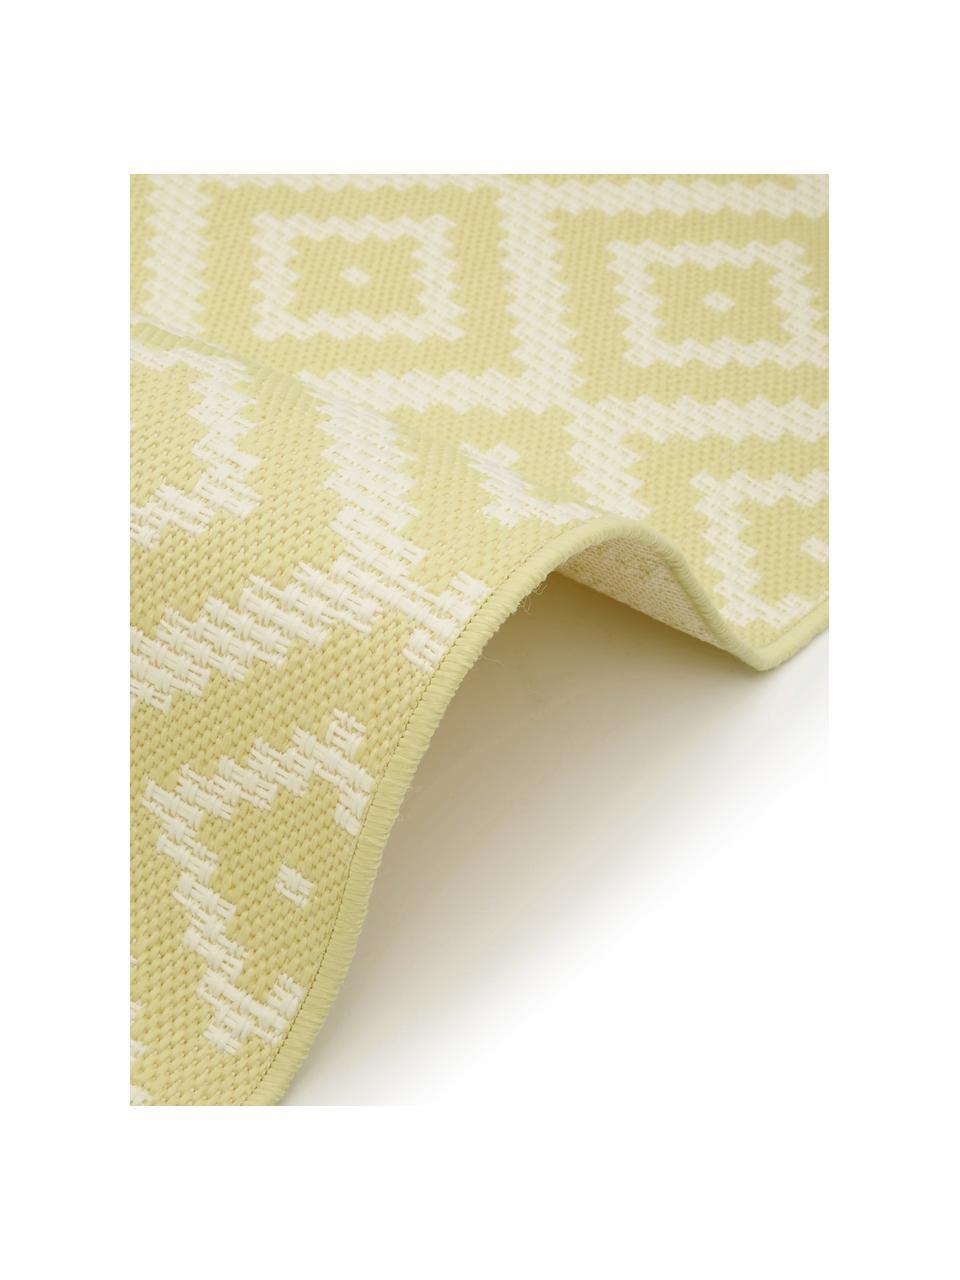 Chodnik wewnętrzny/zewnętrzny Miami, 86% polipropylen, 14% poliester, Biały, żółty, S 80 x D 250 cm